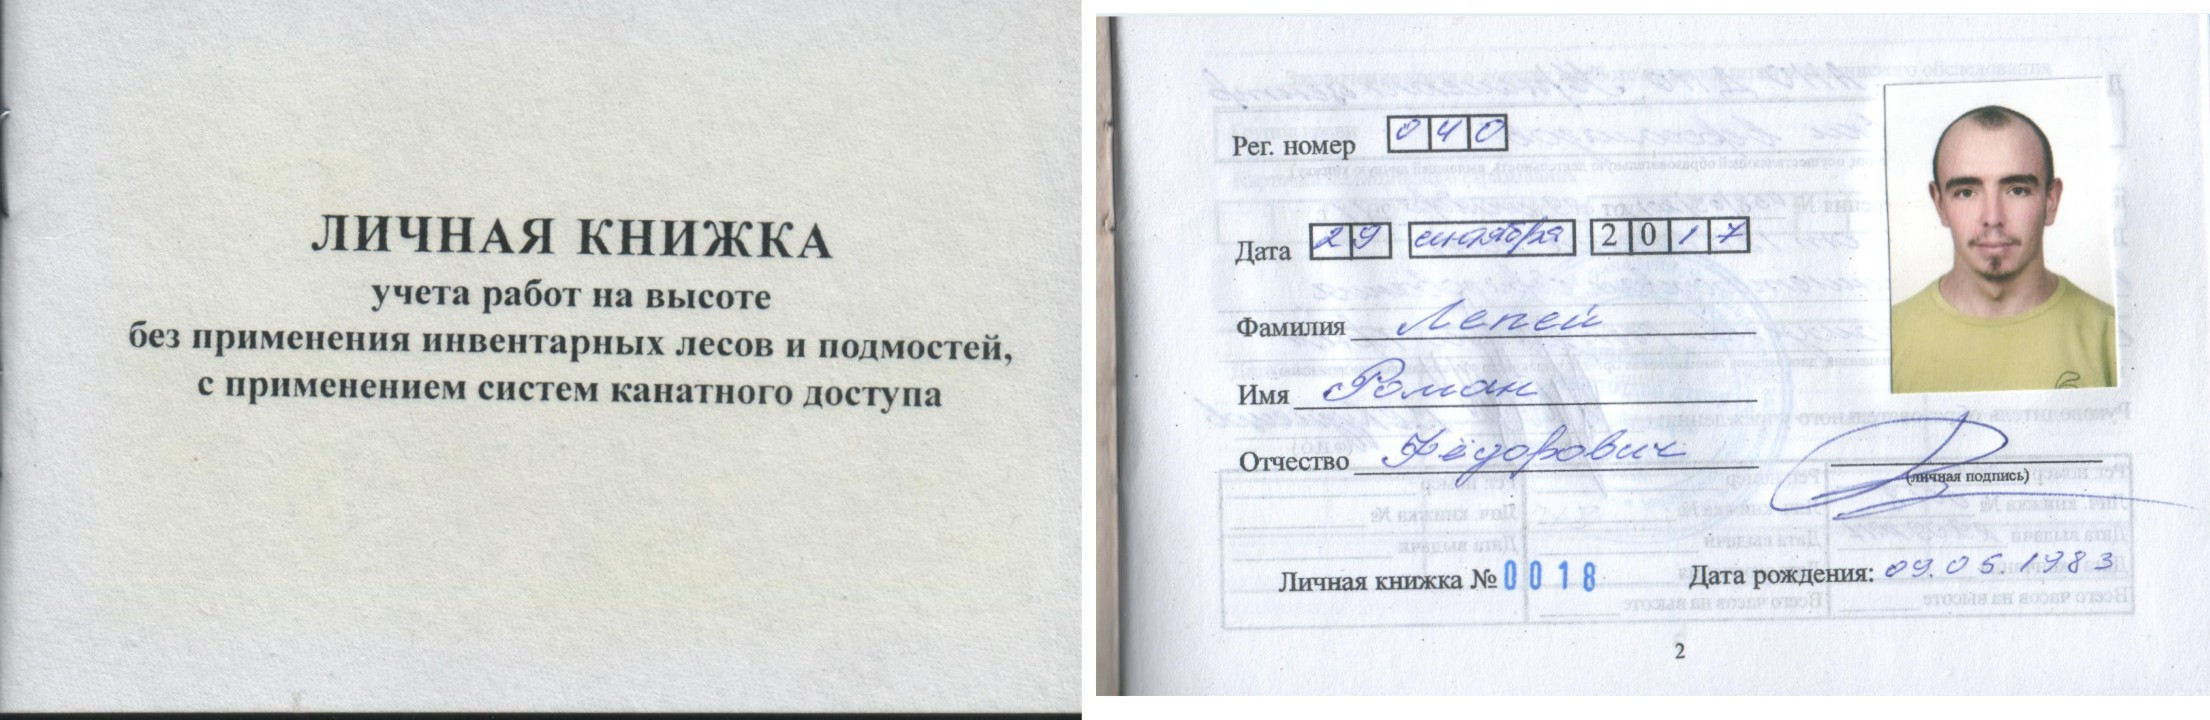 АРБОкрым д4